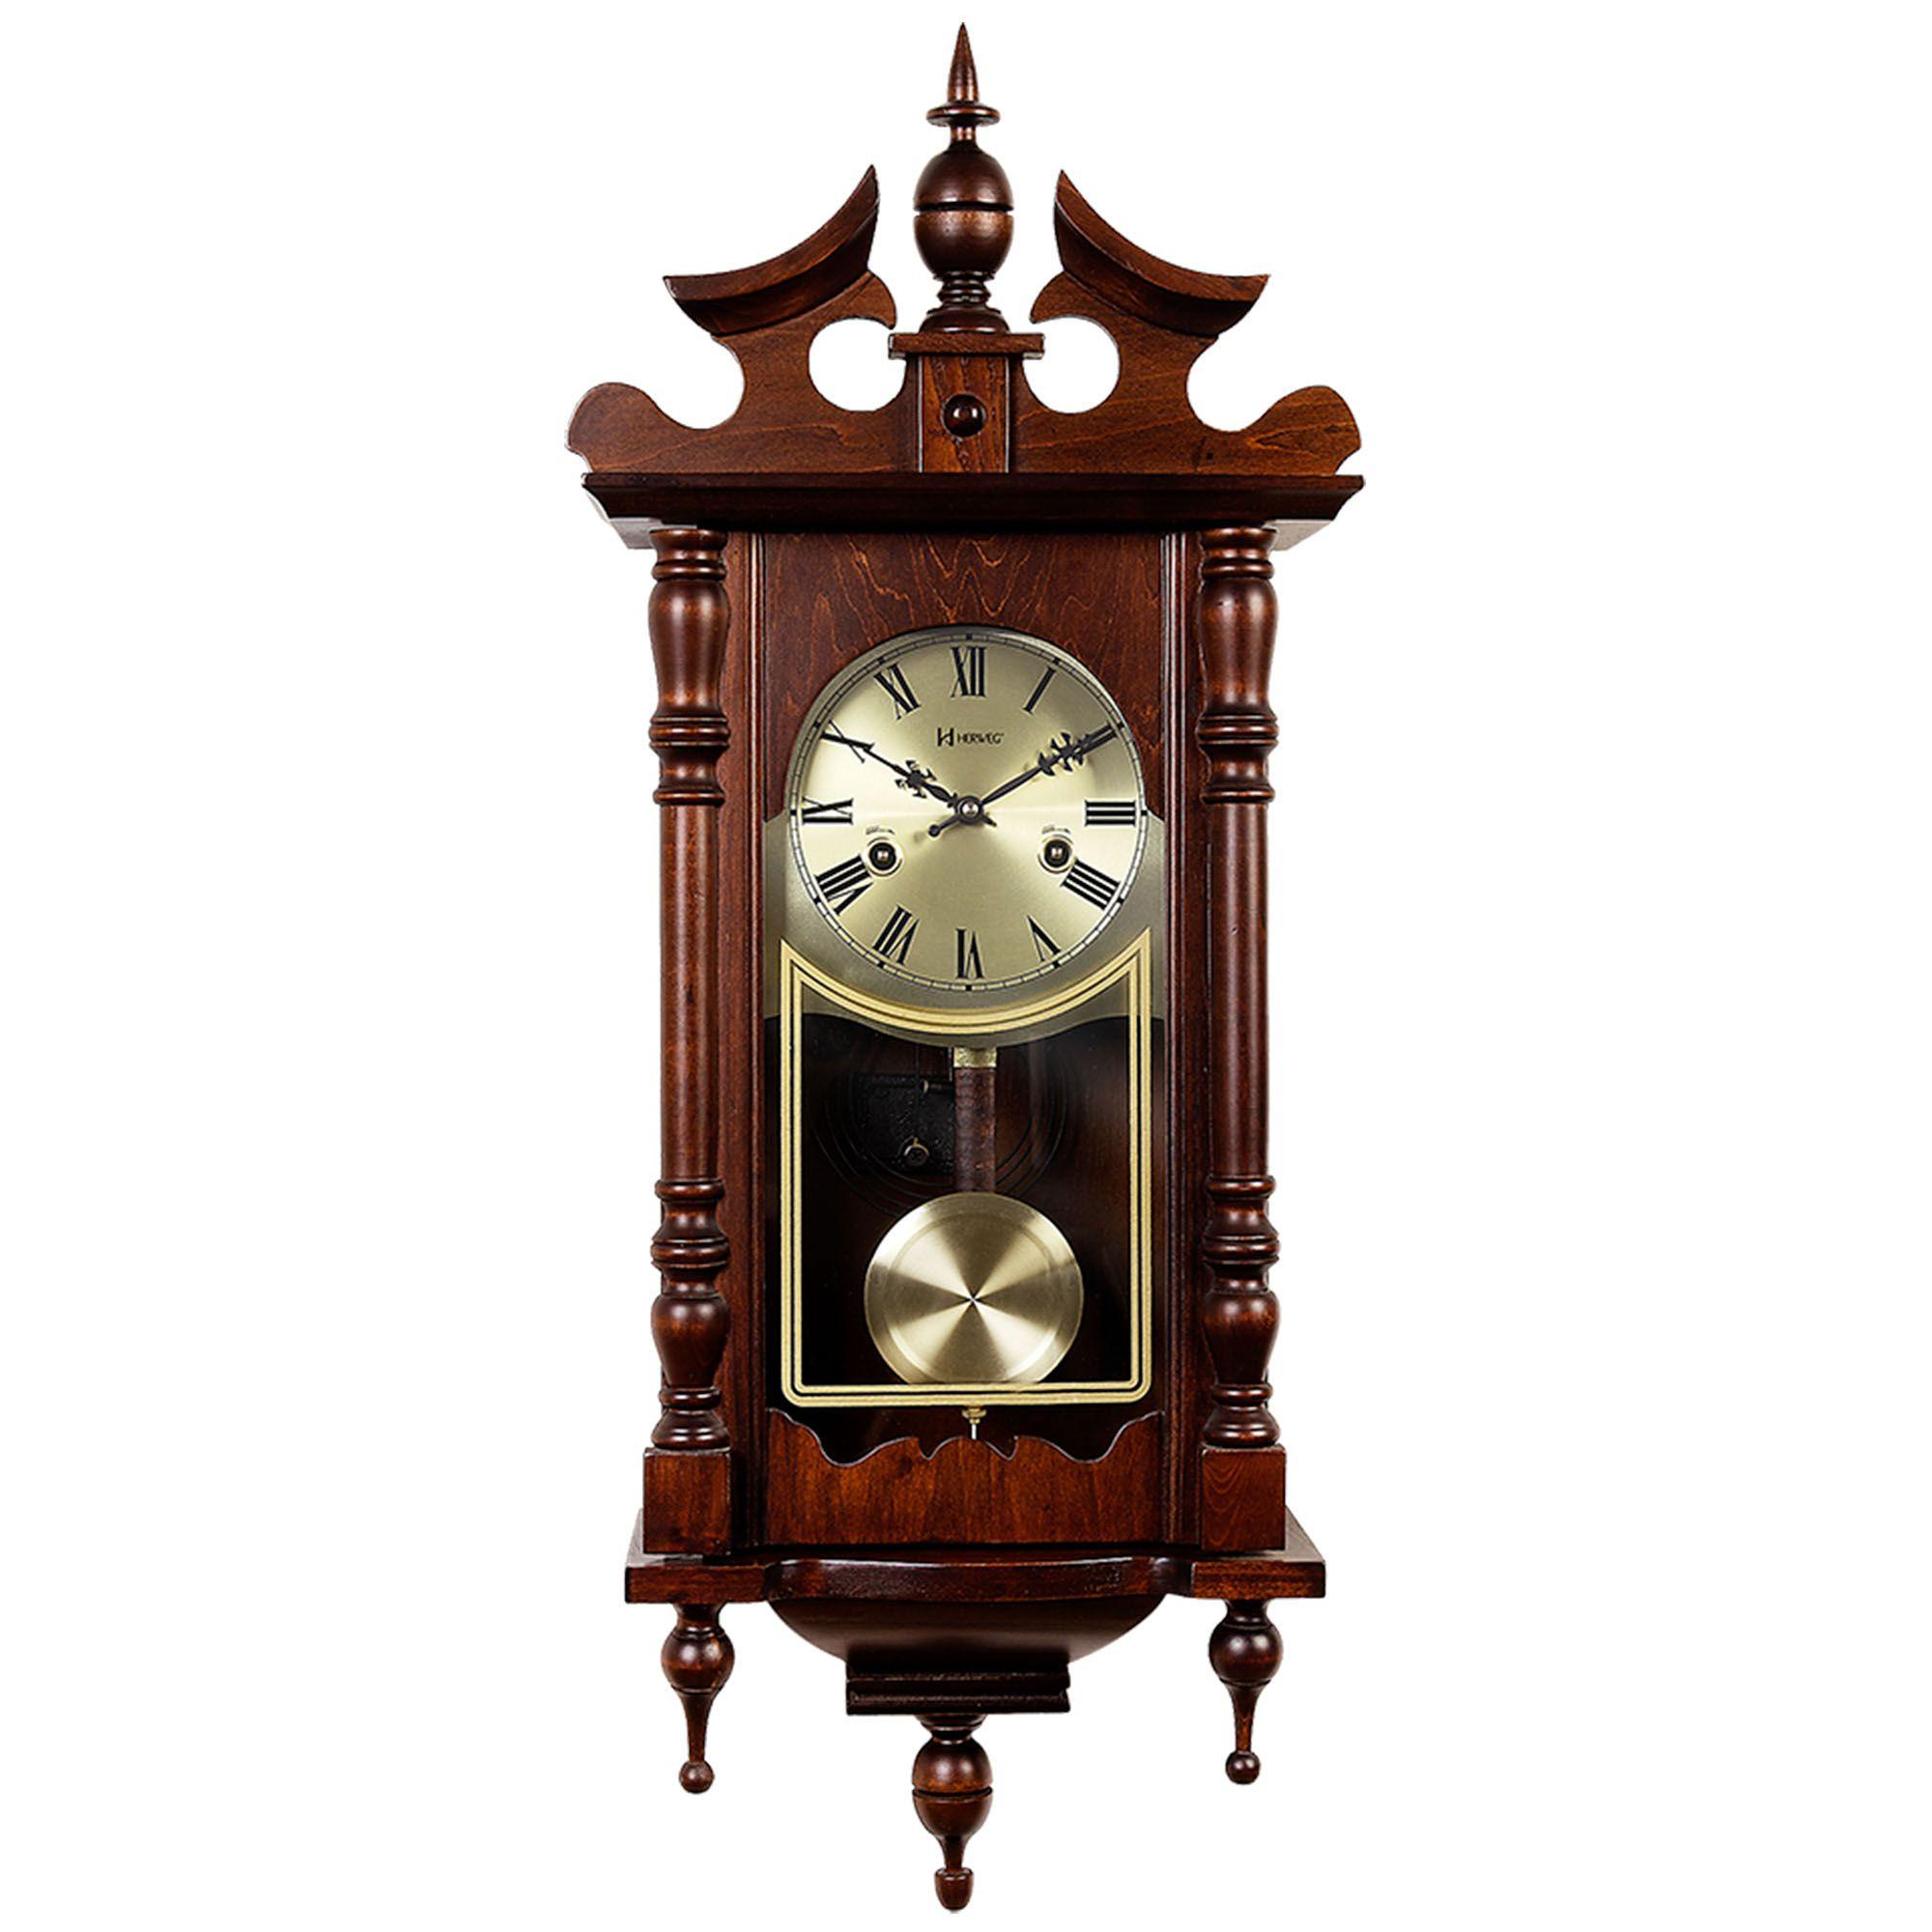 Relógio de Parede Carrilhão Herweg 5352 084 Marrom Ipê